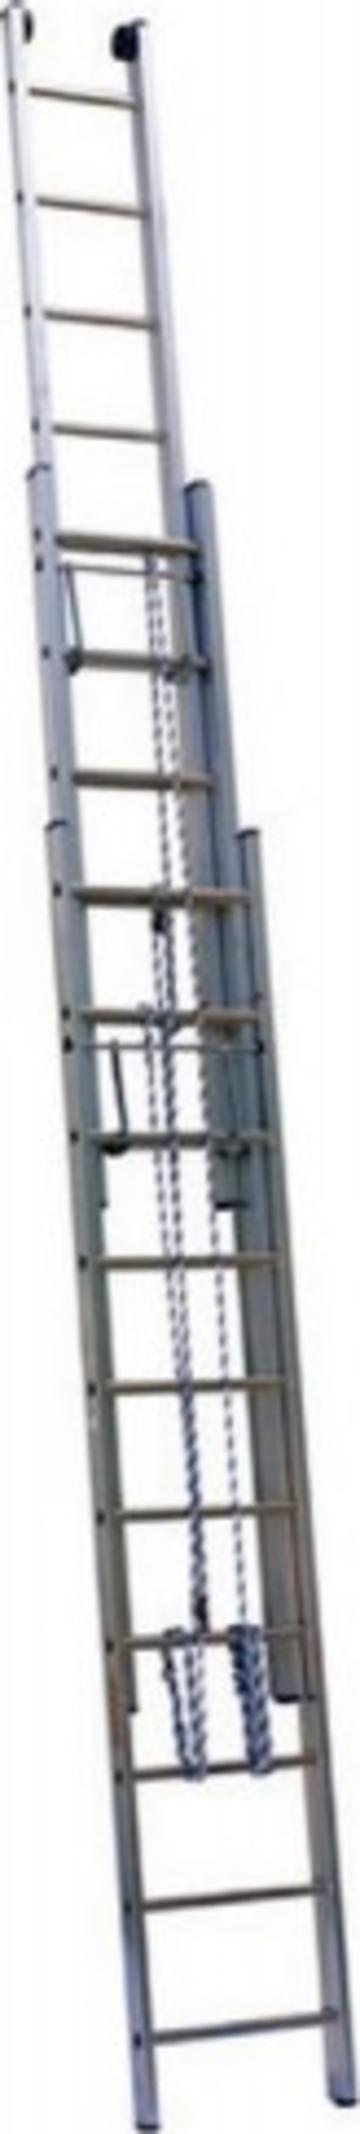 Лестница Лестница выдвижная трехсекционная АЛЮМЕТ 3320 3х20 с тросом